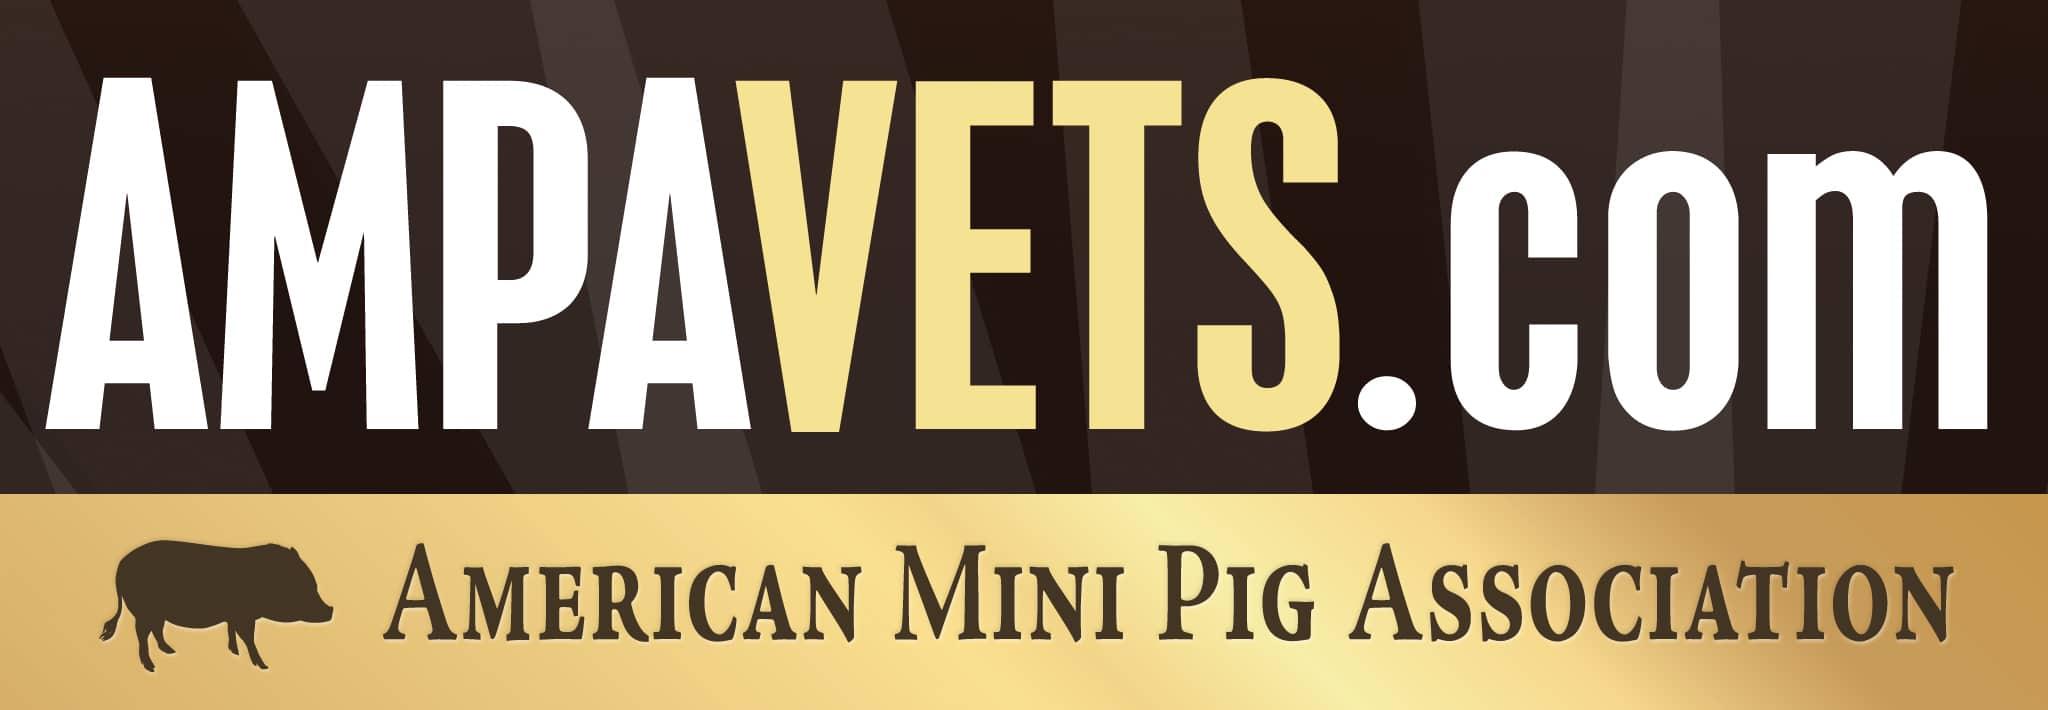 ampavets.com, mini pig vets, ampa vets